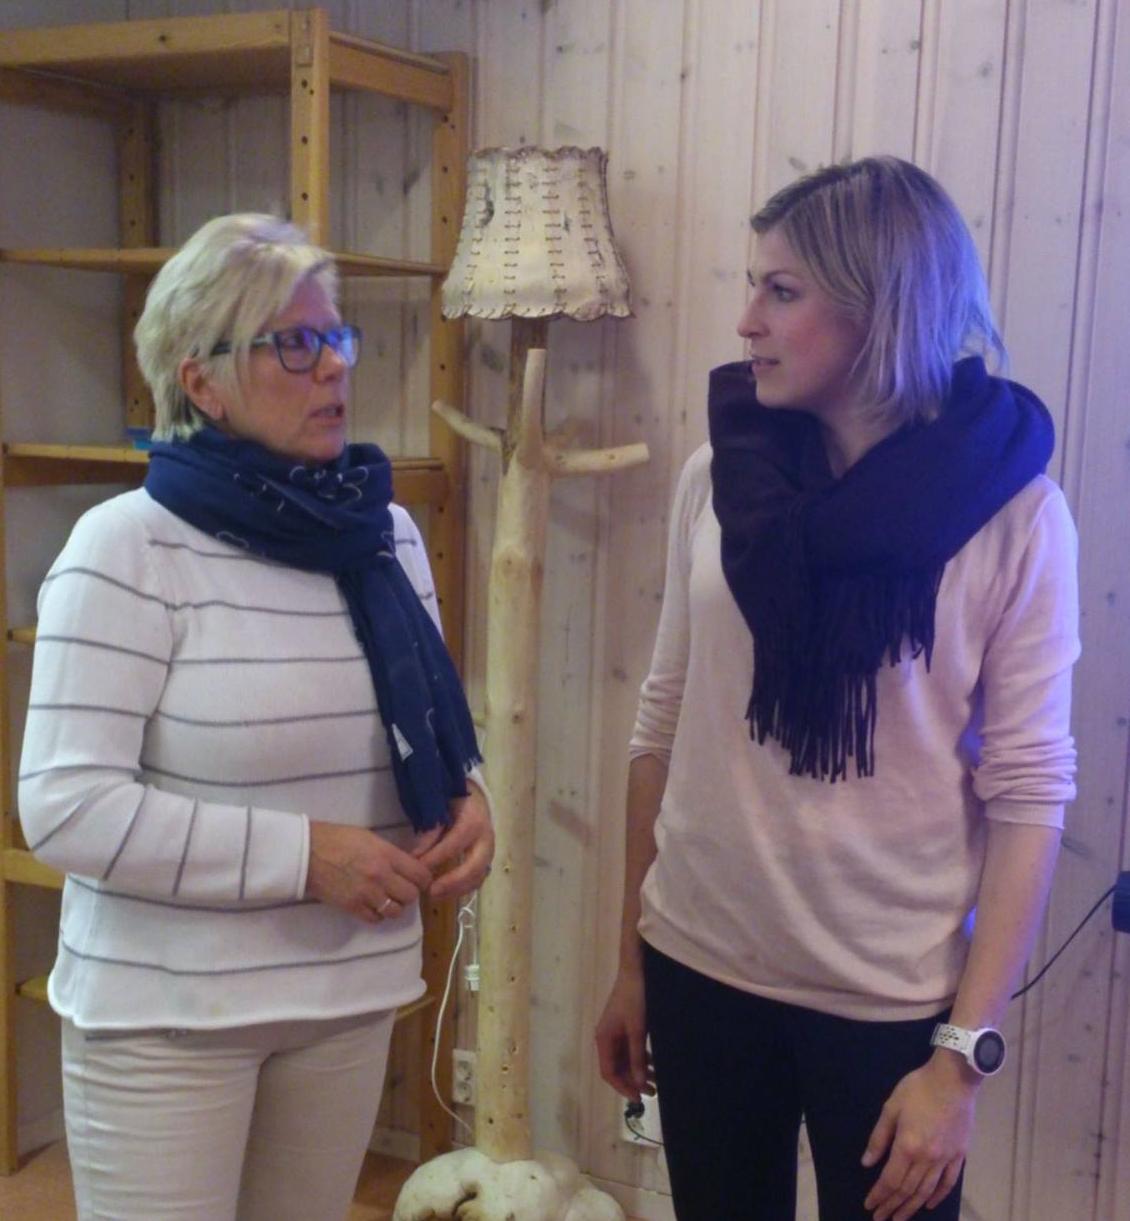 Solvor Svendsen (primusmotor, til venstre) forteller Karin Magnusson om arbeidet Drevsjø Sanitetsforening gjør. Artrose forekommer hyppigst i kvinner og er en utbredt folkesykdom, og dette er derfor er et av mange viktige fokus for foreningen. www.forskerlivet.no